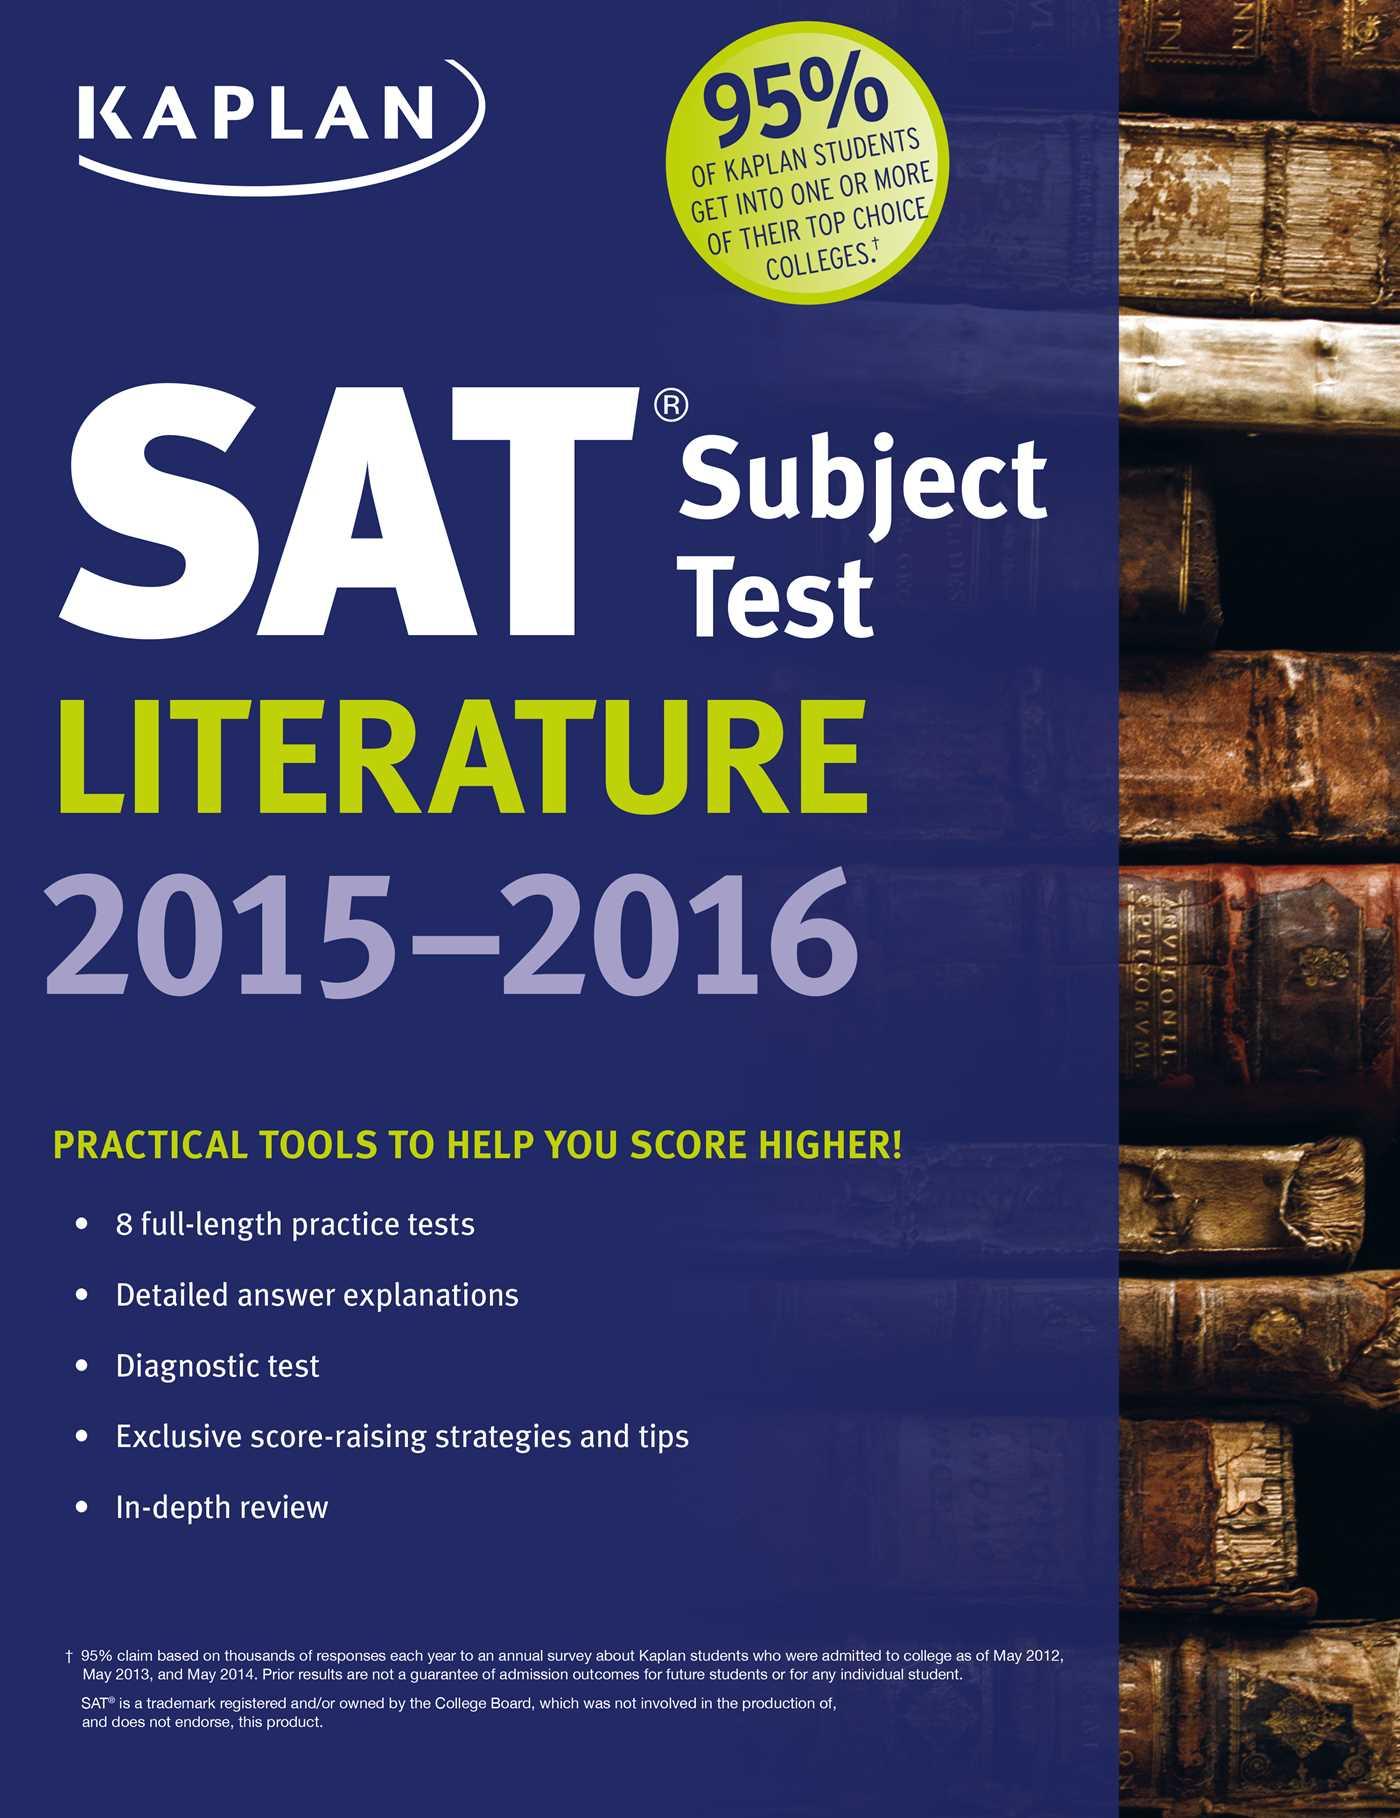 Kaplan SAT Subject Test Literature 2015-2016 eBook by Kaplan Test